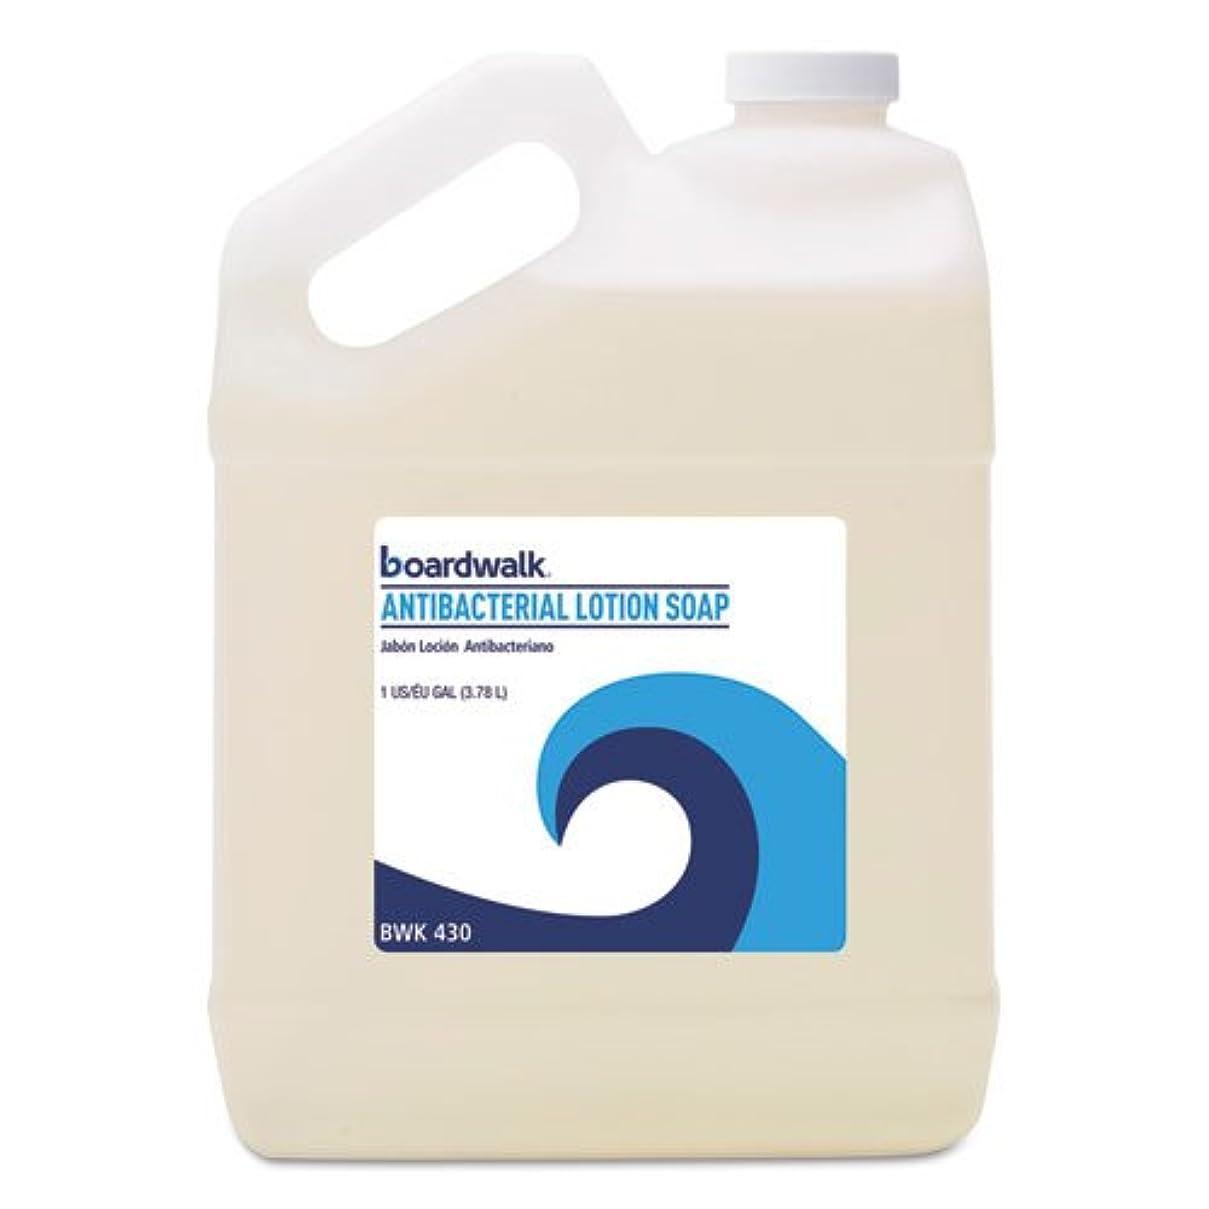 見込みに話す講師Boardwalk 抗菌液体石鹸 フローラルバルサム 1ガロンボトル